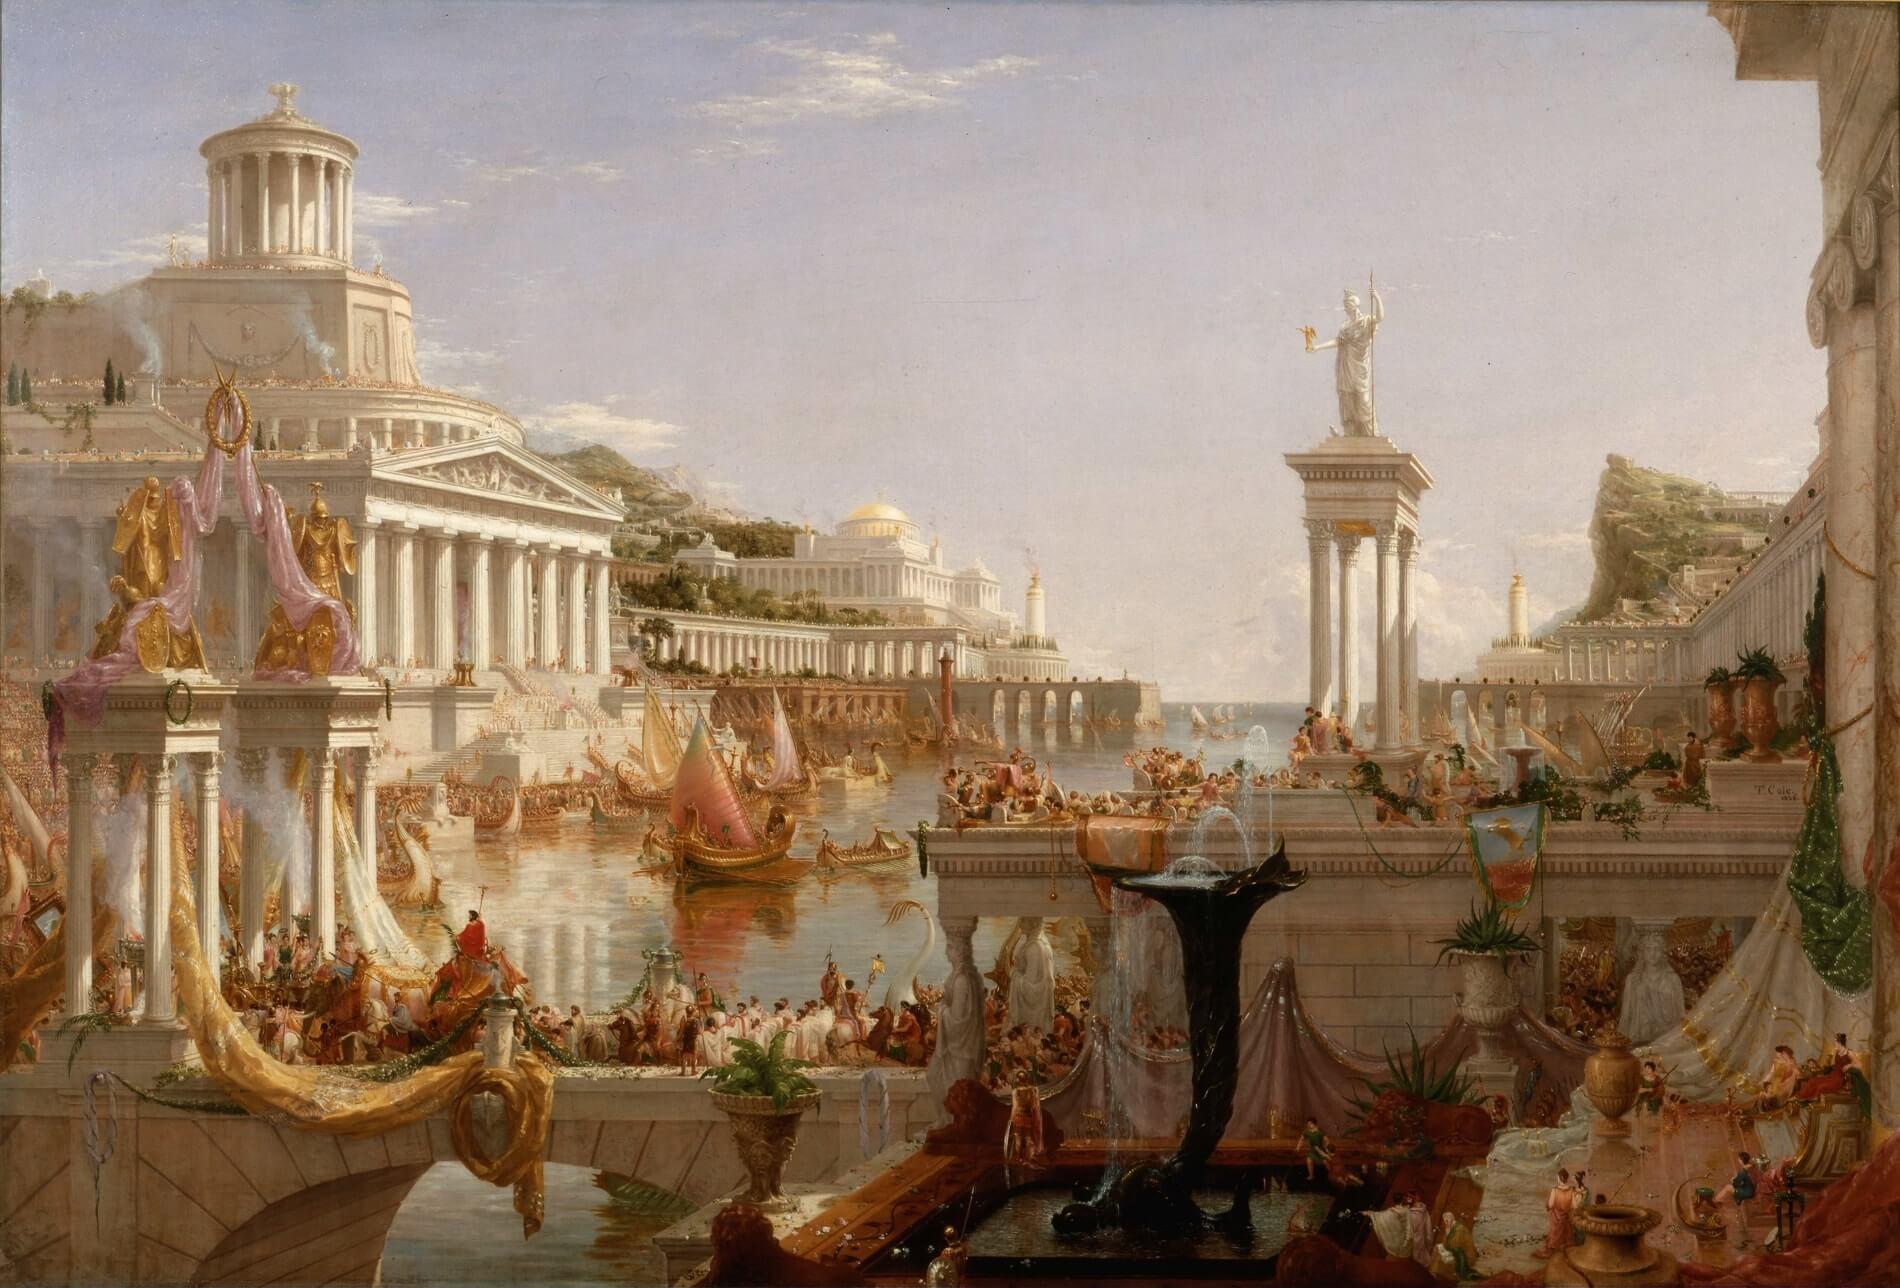 Серия картин Томаса Коула «Путь Империи»